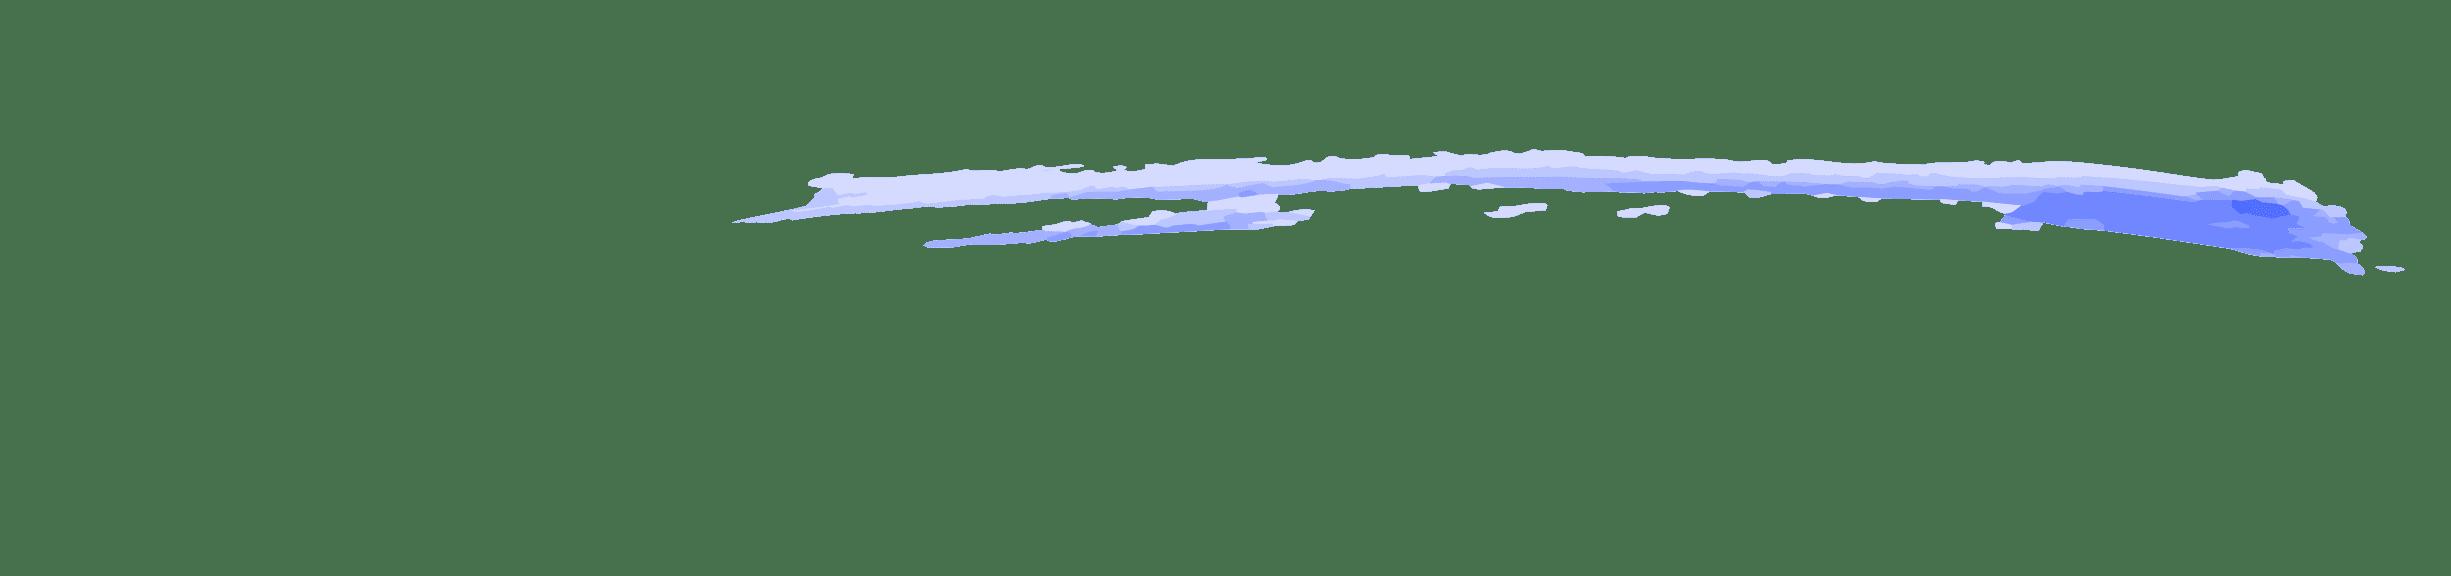 decondia-pinsel-4